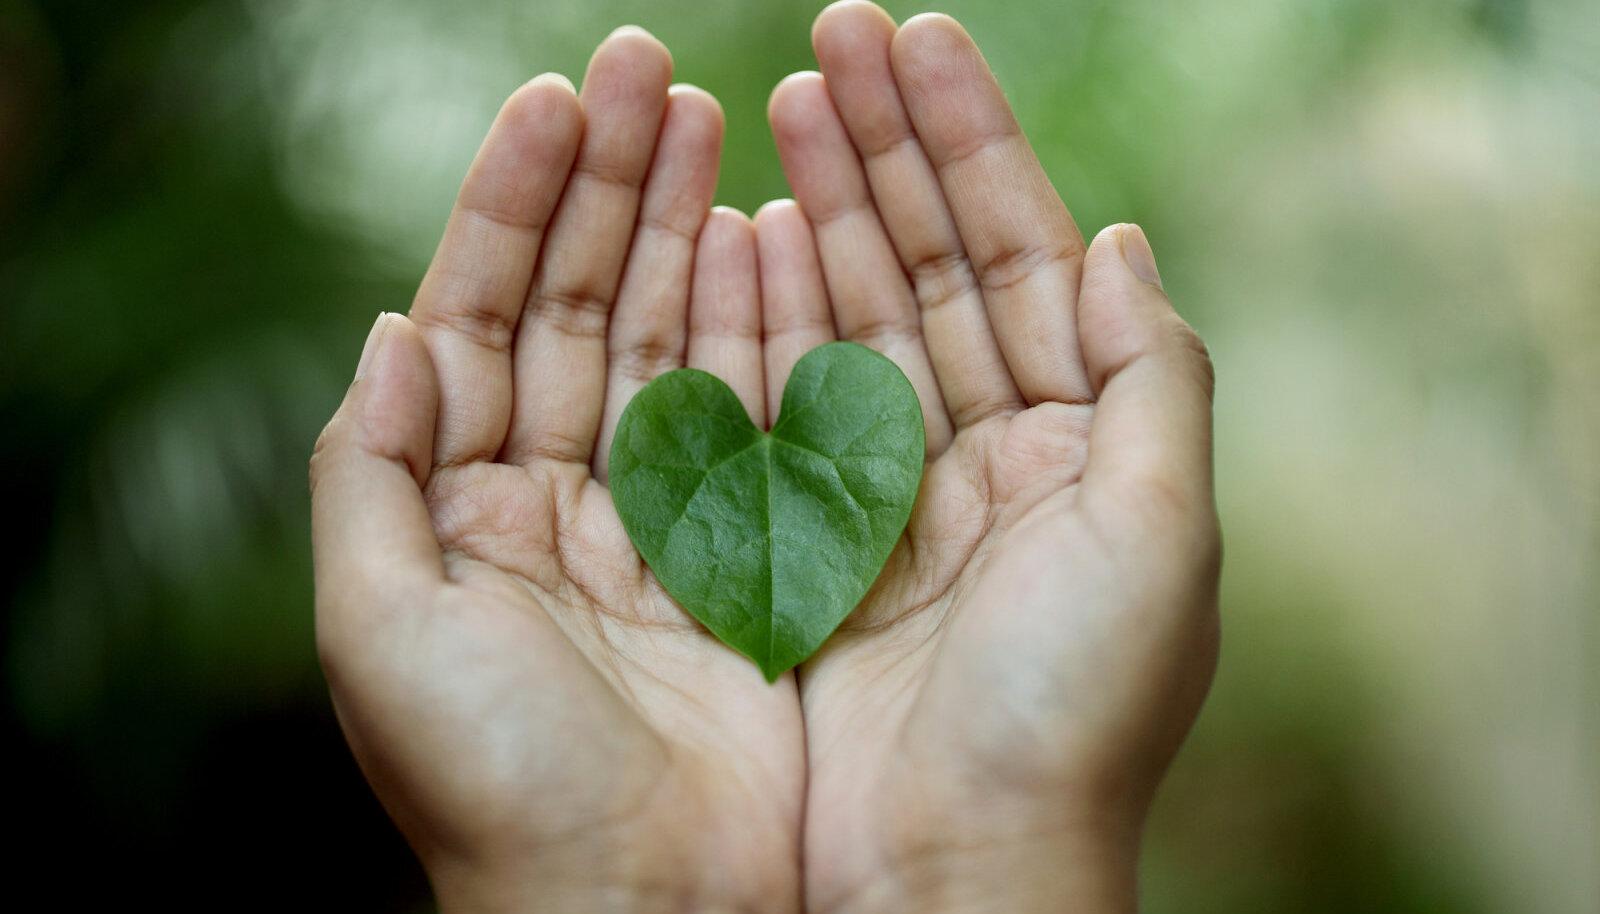 Kui sa soovid olla mõistetud ning armastatud sellena, kes oled, õpi ka ise mõistma ning armastama